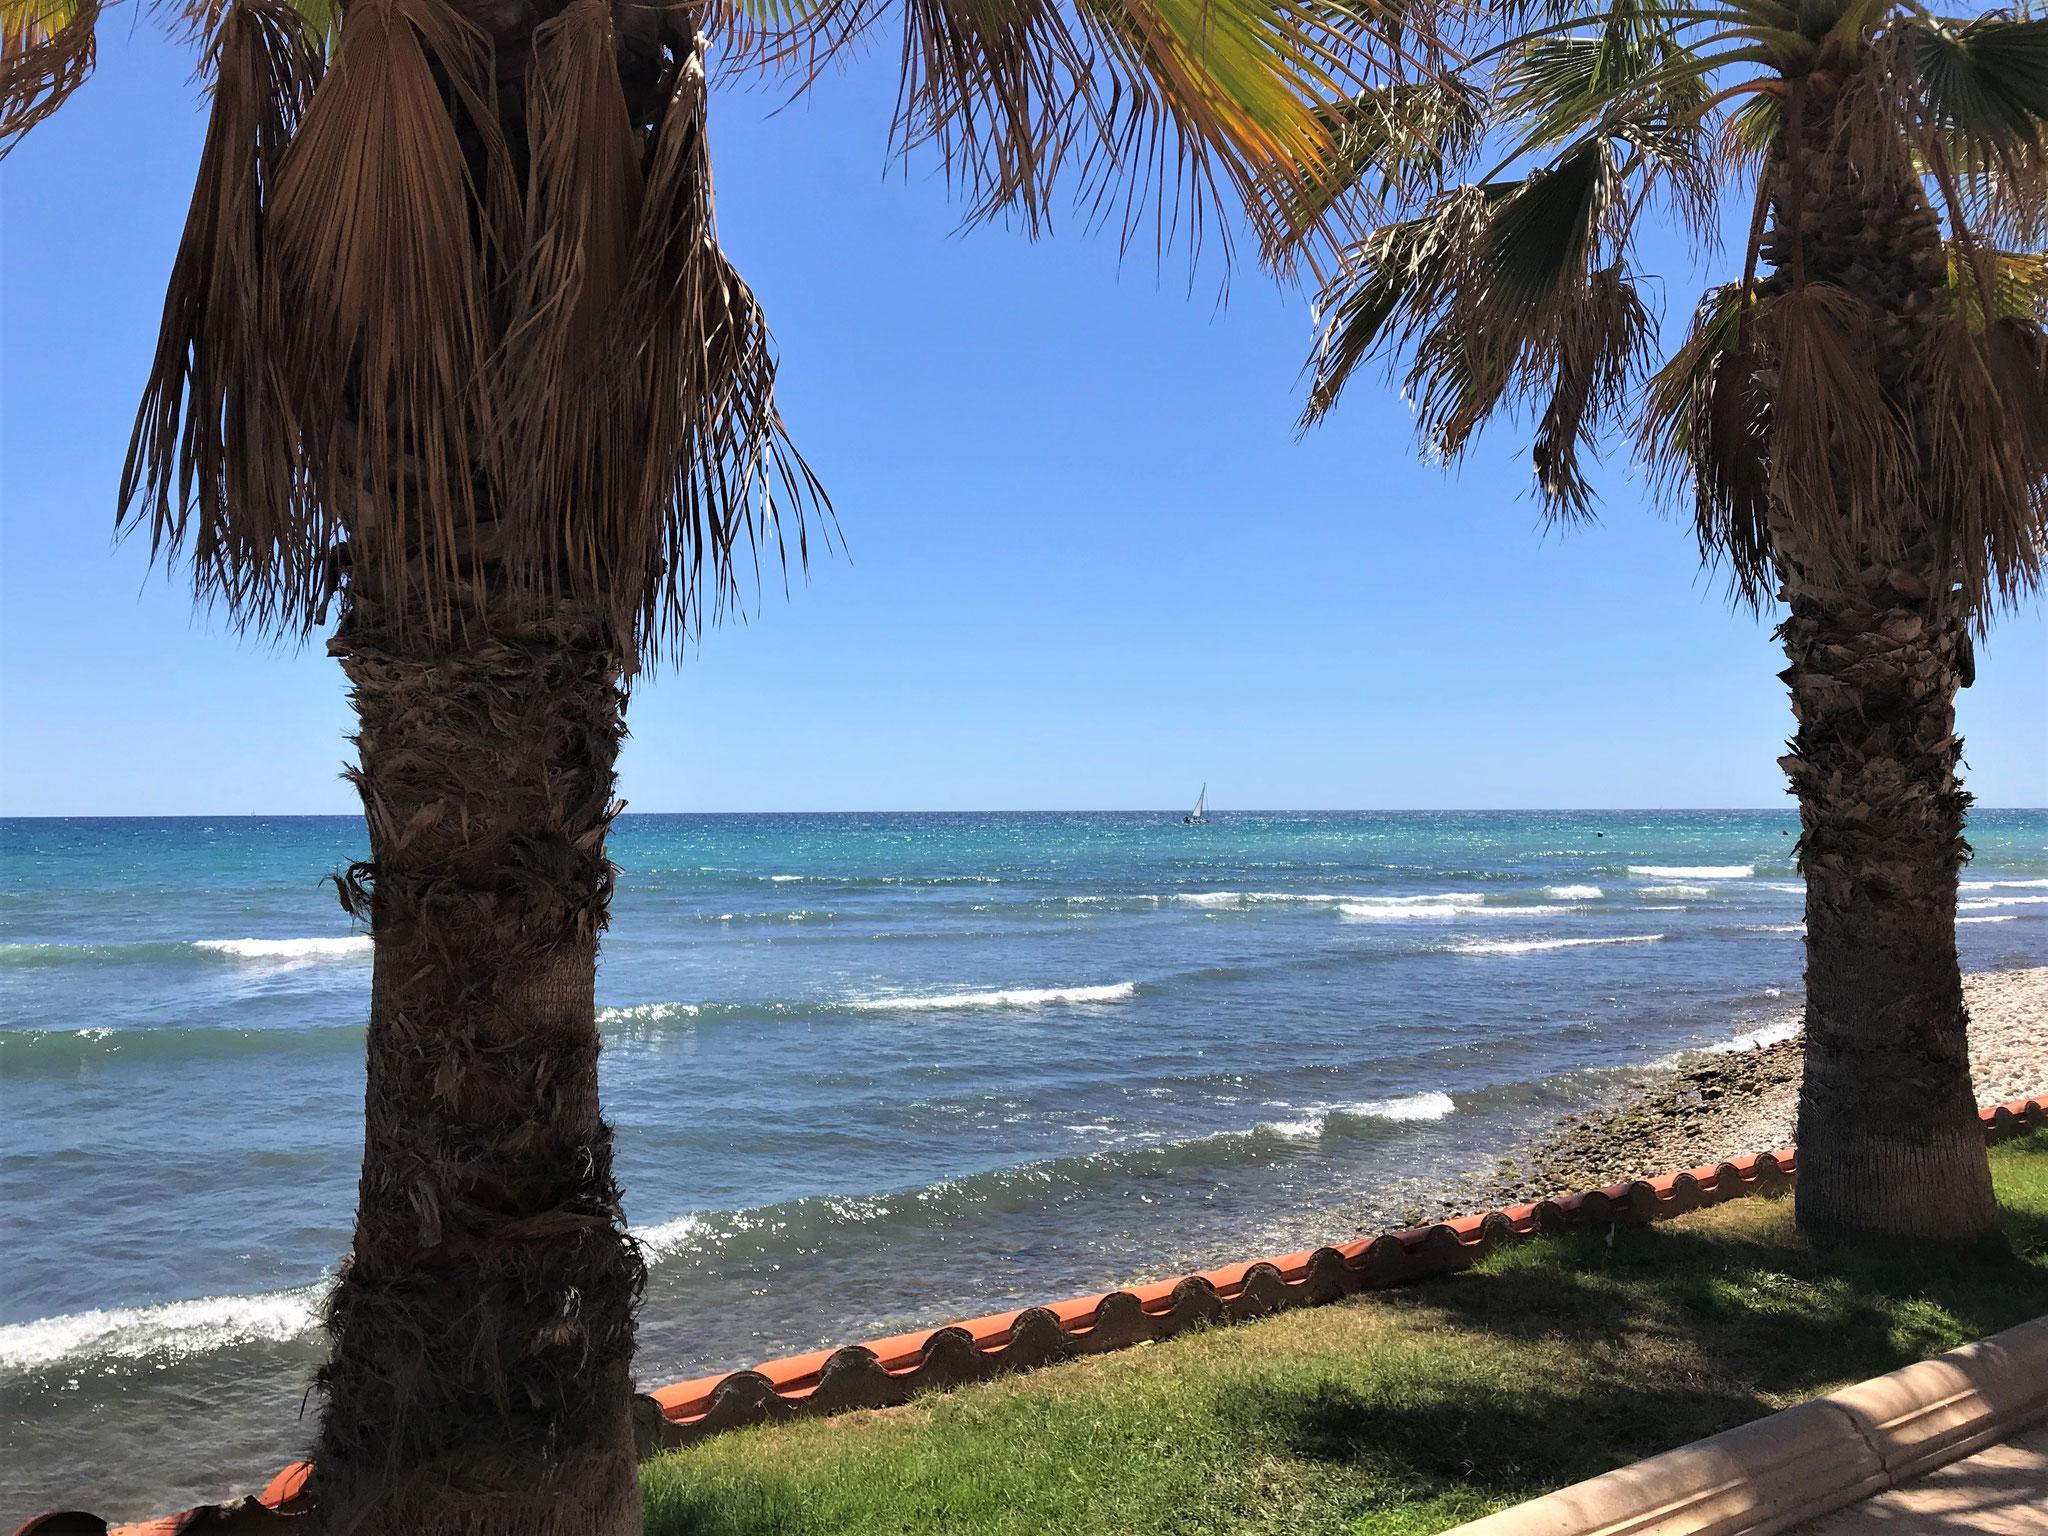 Der Wechsel hat sich gelohnt: Sonnenschein und Palmen in Sitges.